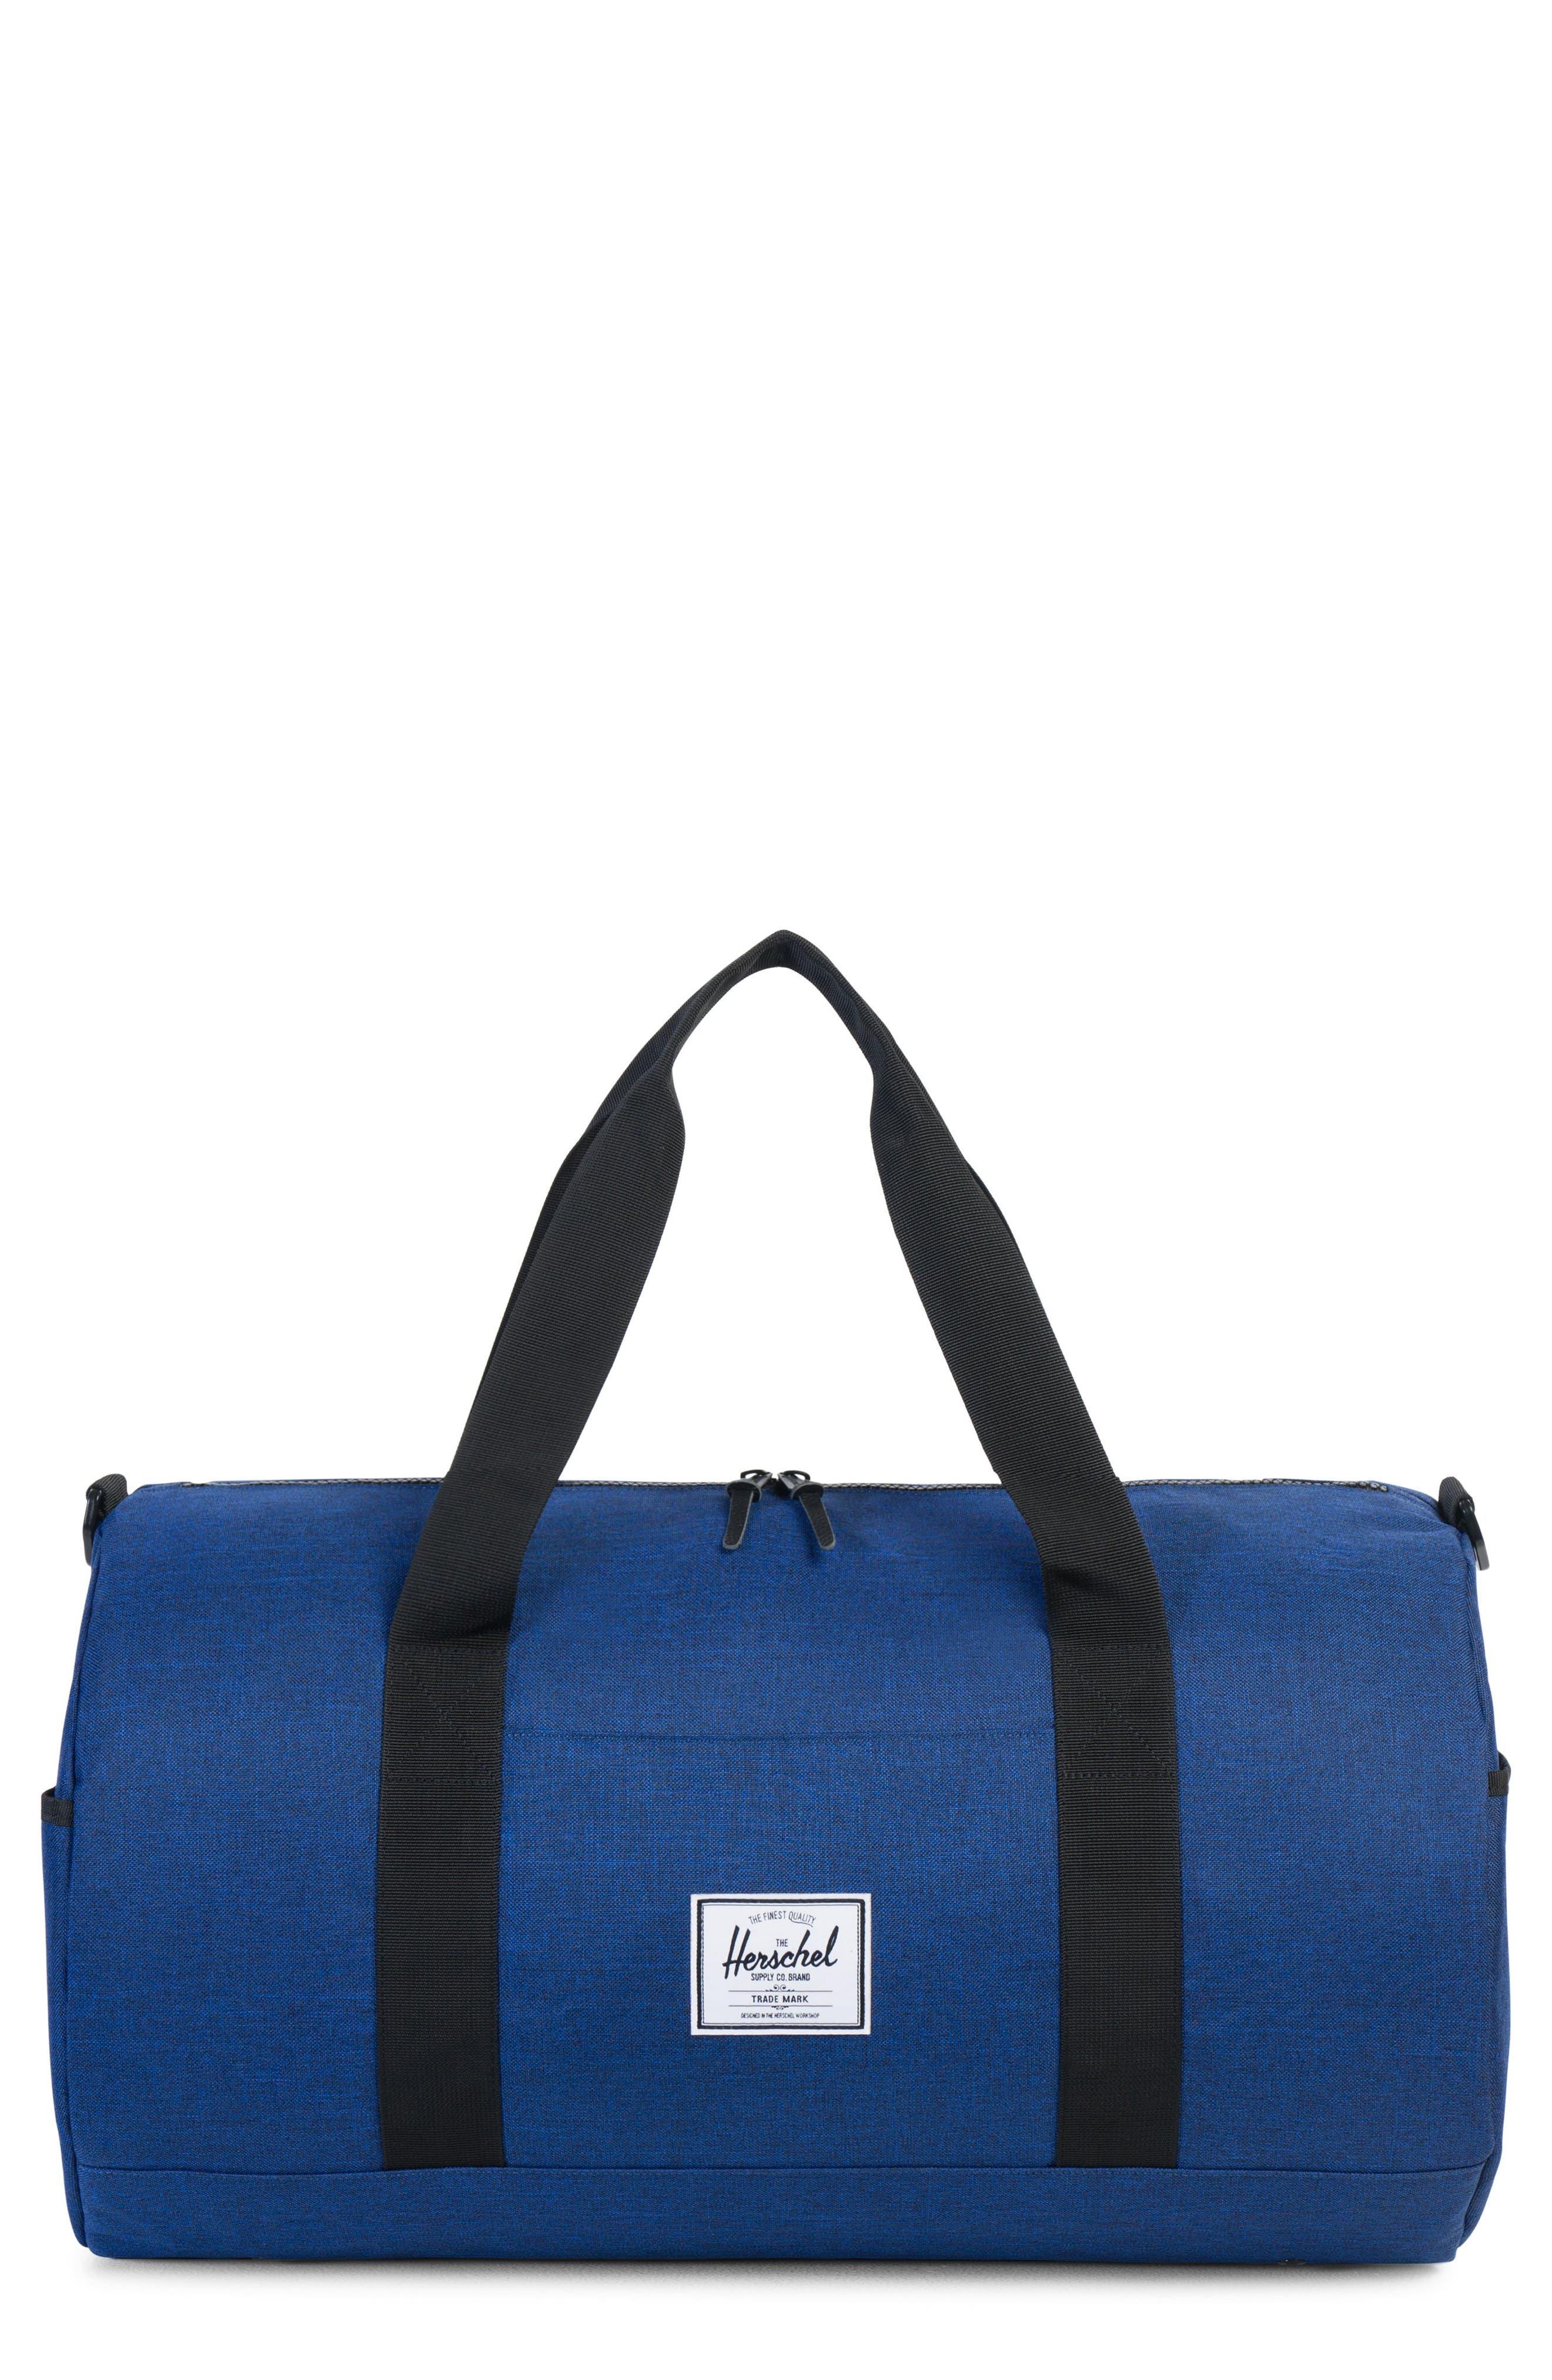 Sutton Duffel Bag,                             Main thumbnail 1, color,                             415